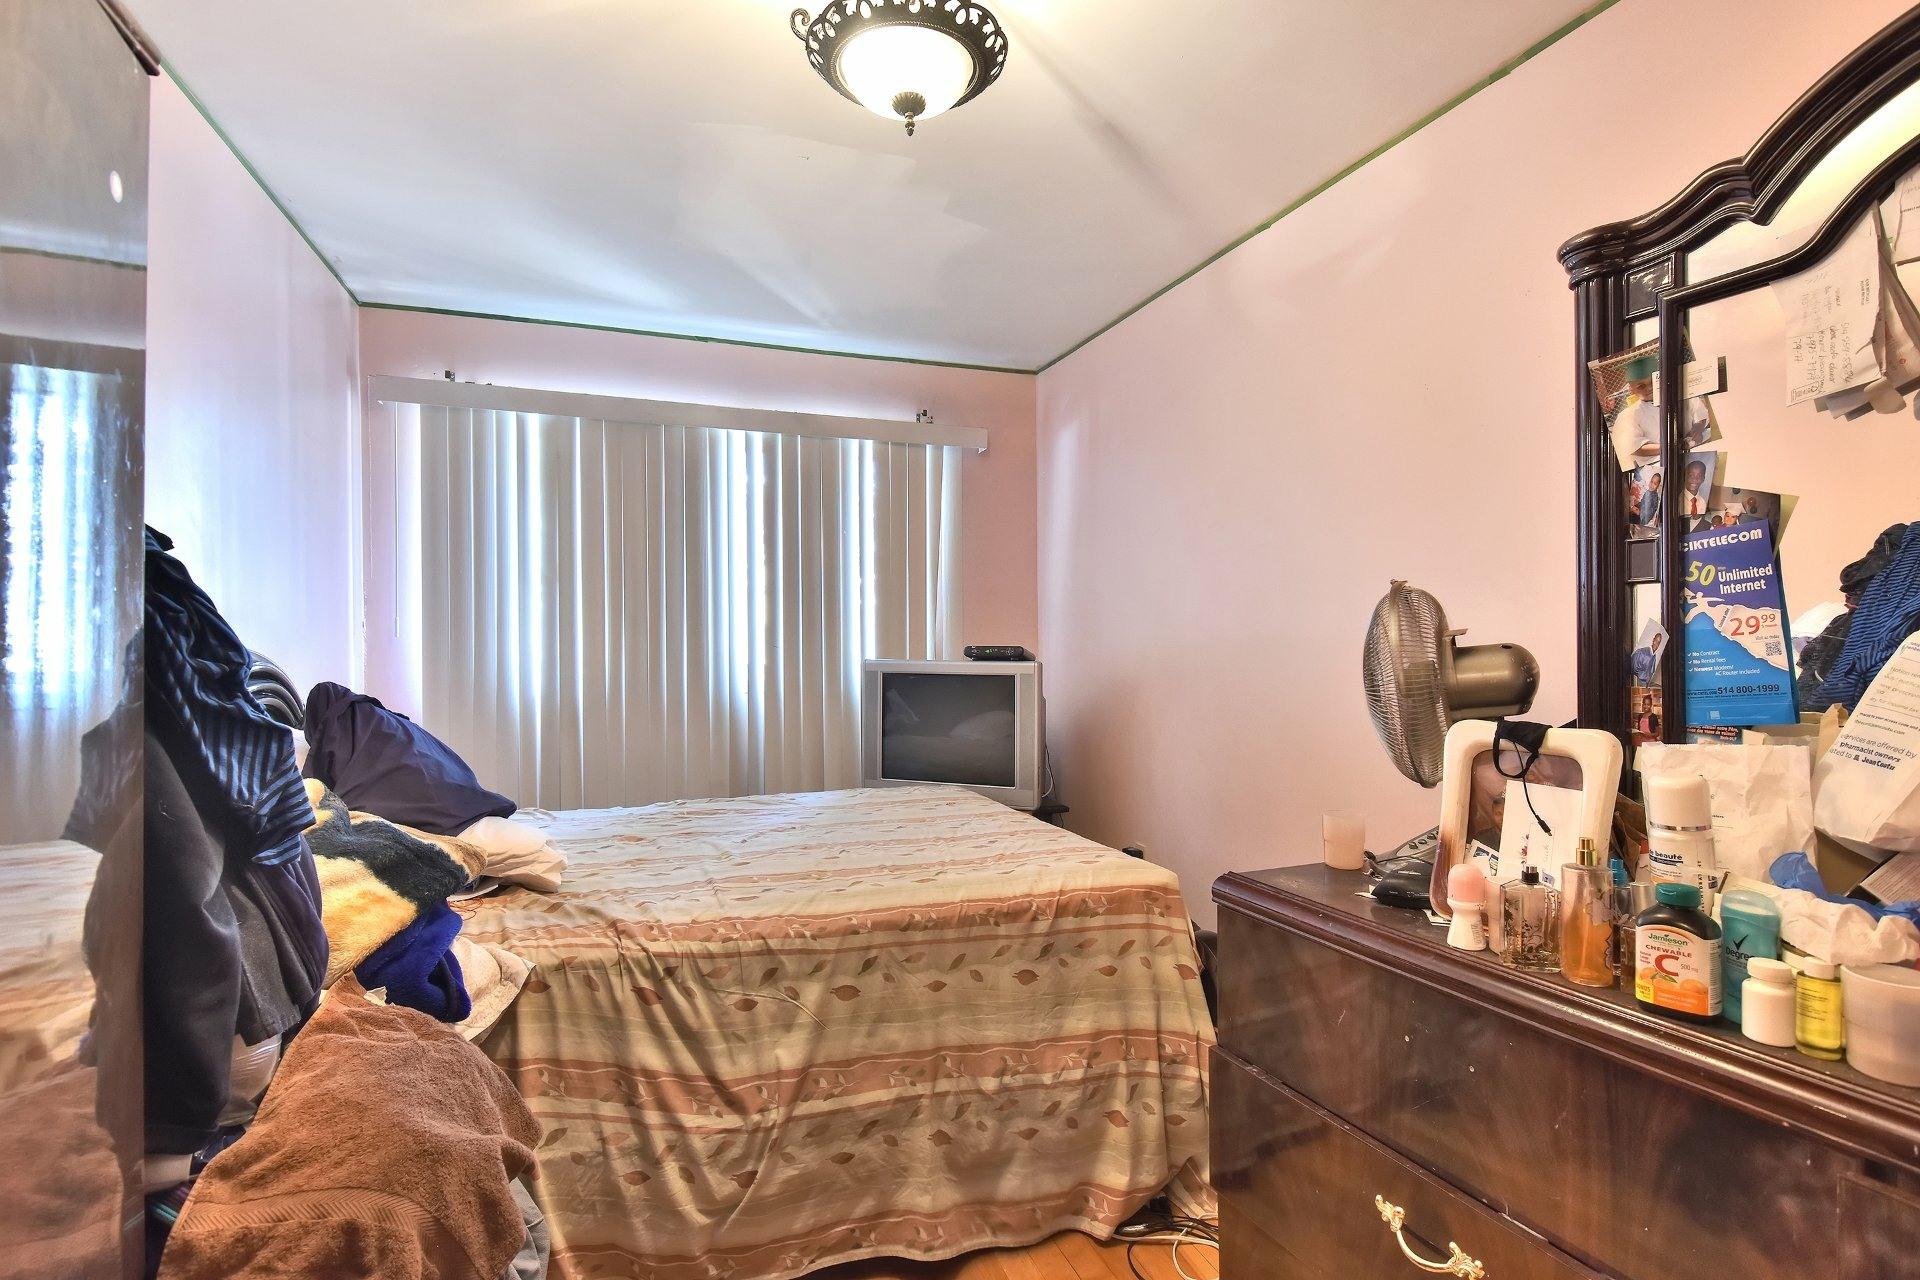 image 7 - Duplex For sale Rivière-des-Prairies/Pointe-aux-Trembles Montréal  - 5 rooms